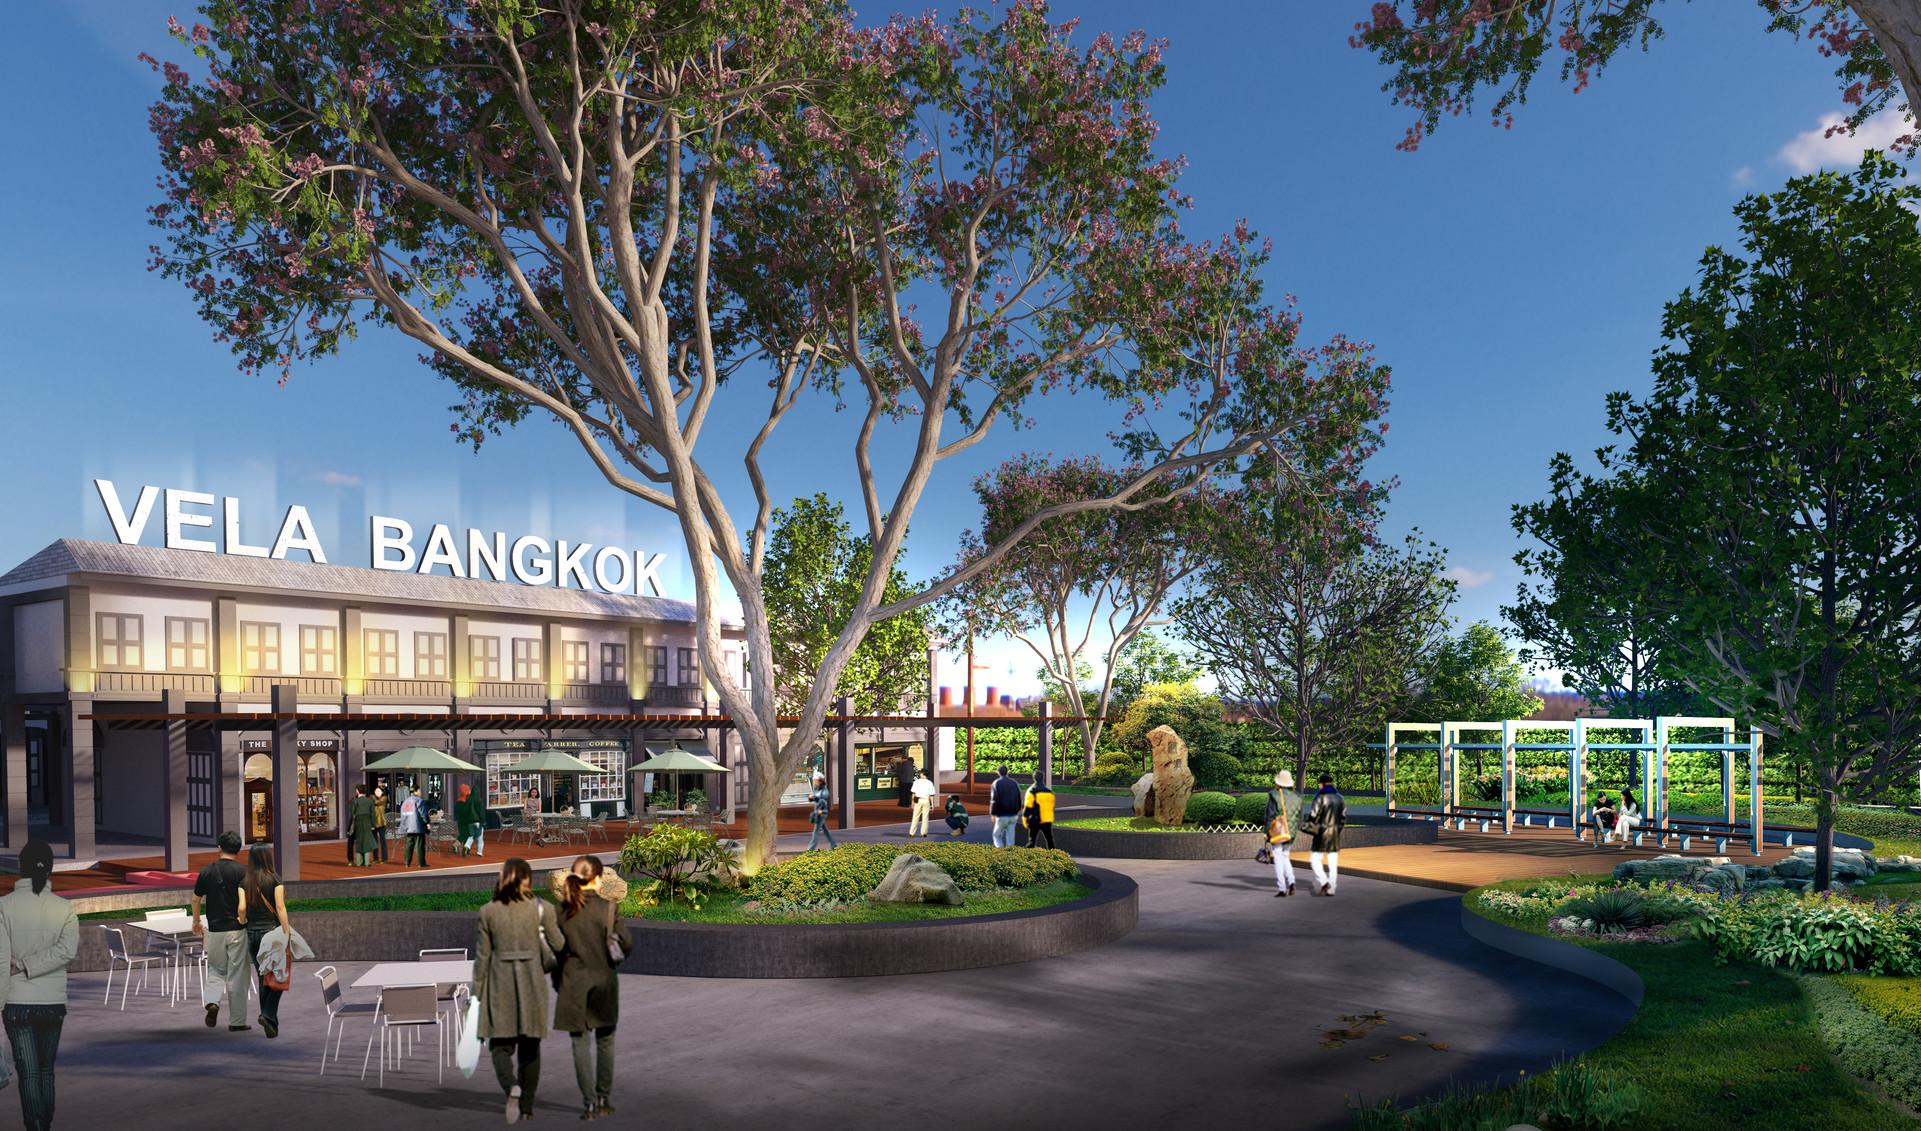 VELA Bangkok